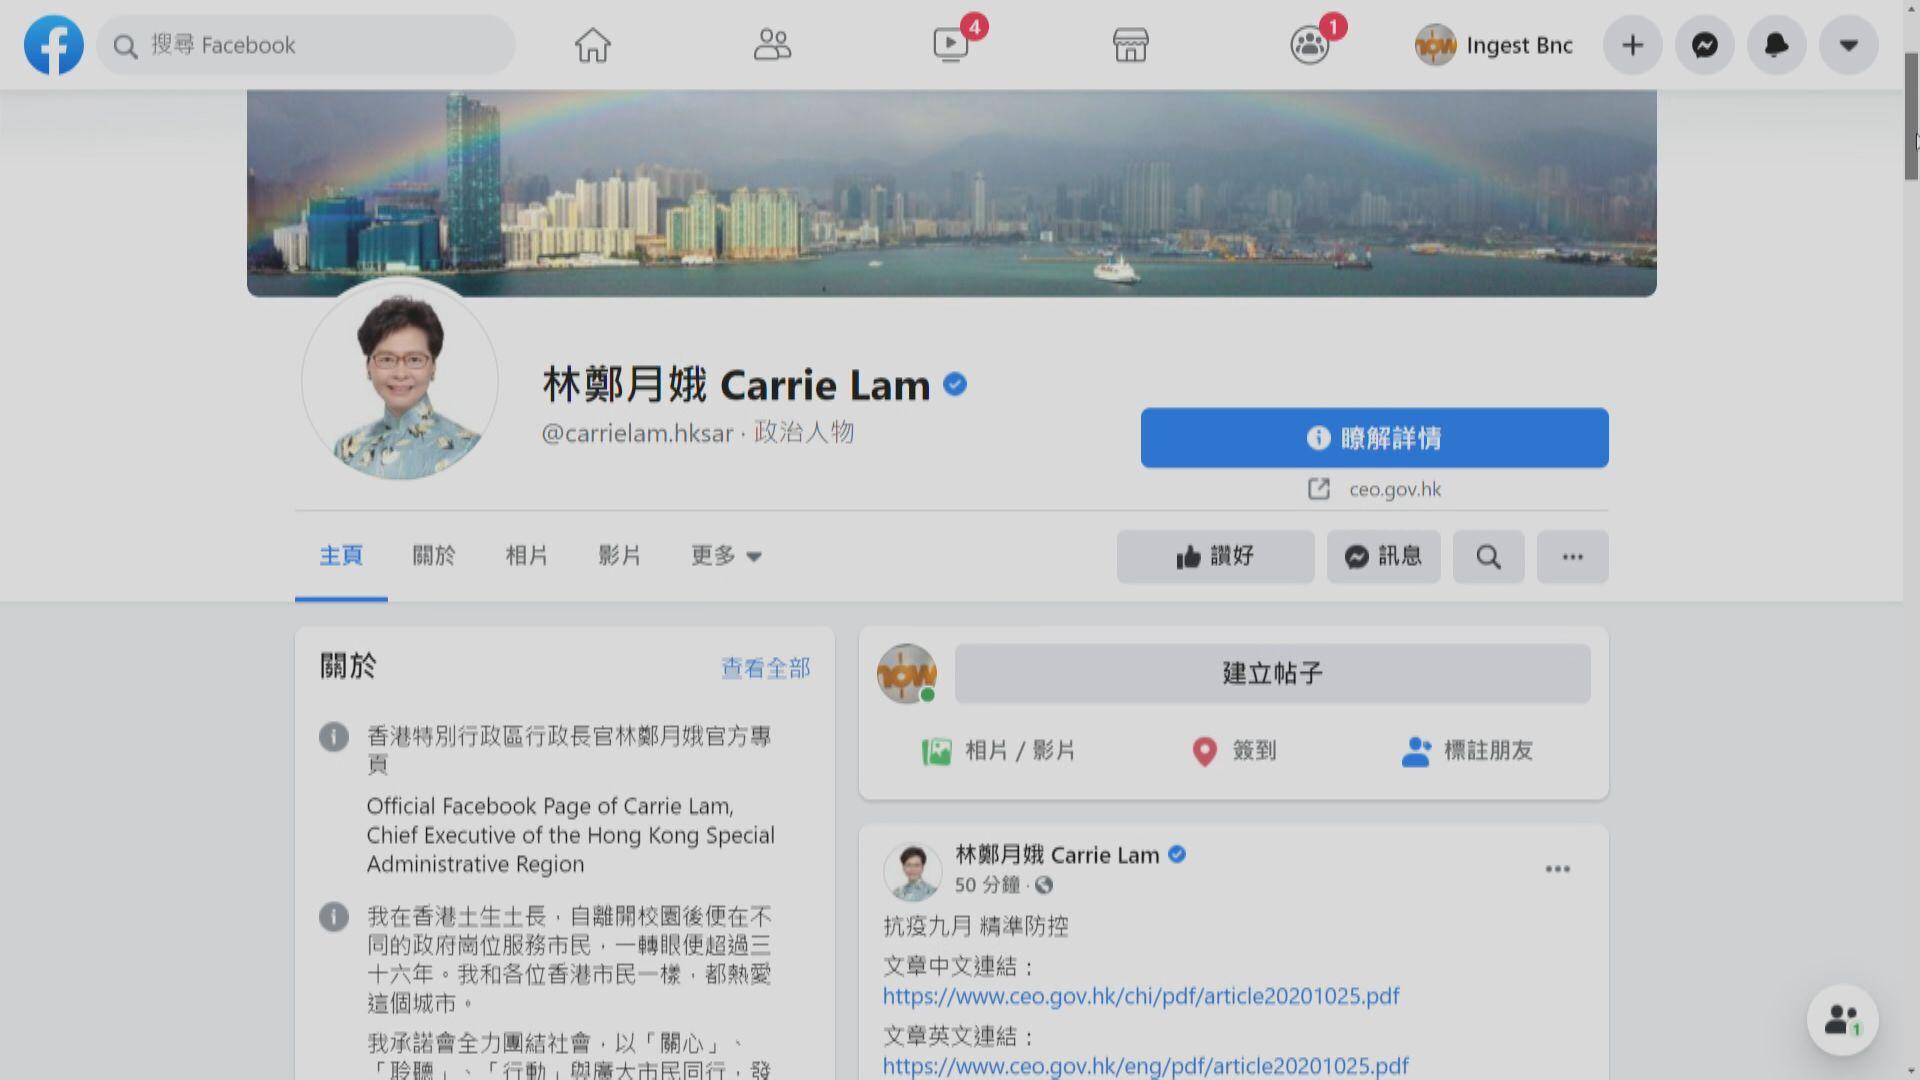 林鄭月娥:社區有未切斷傳播鏈 須保持警覺